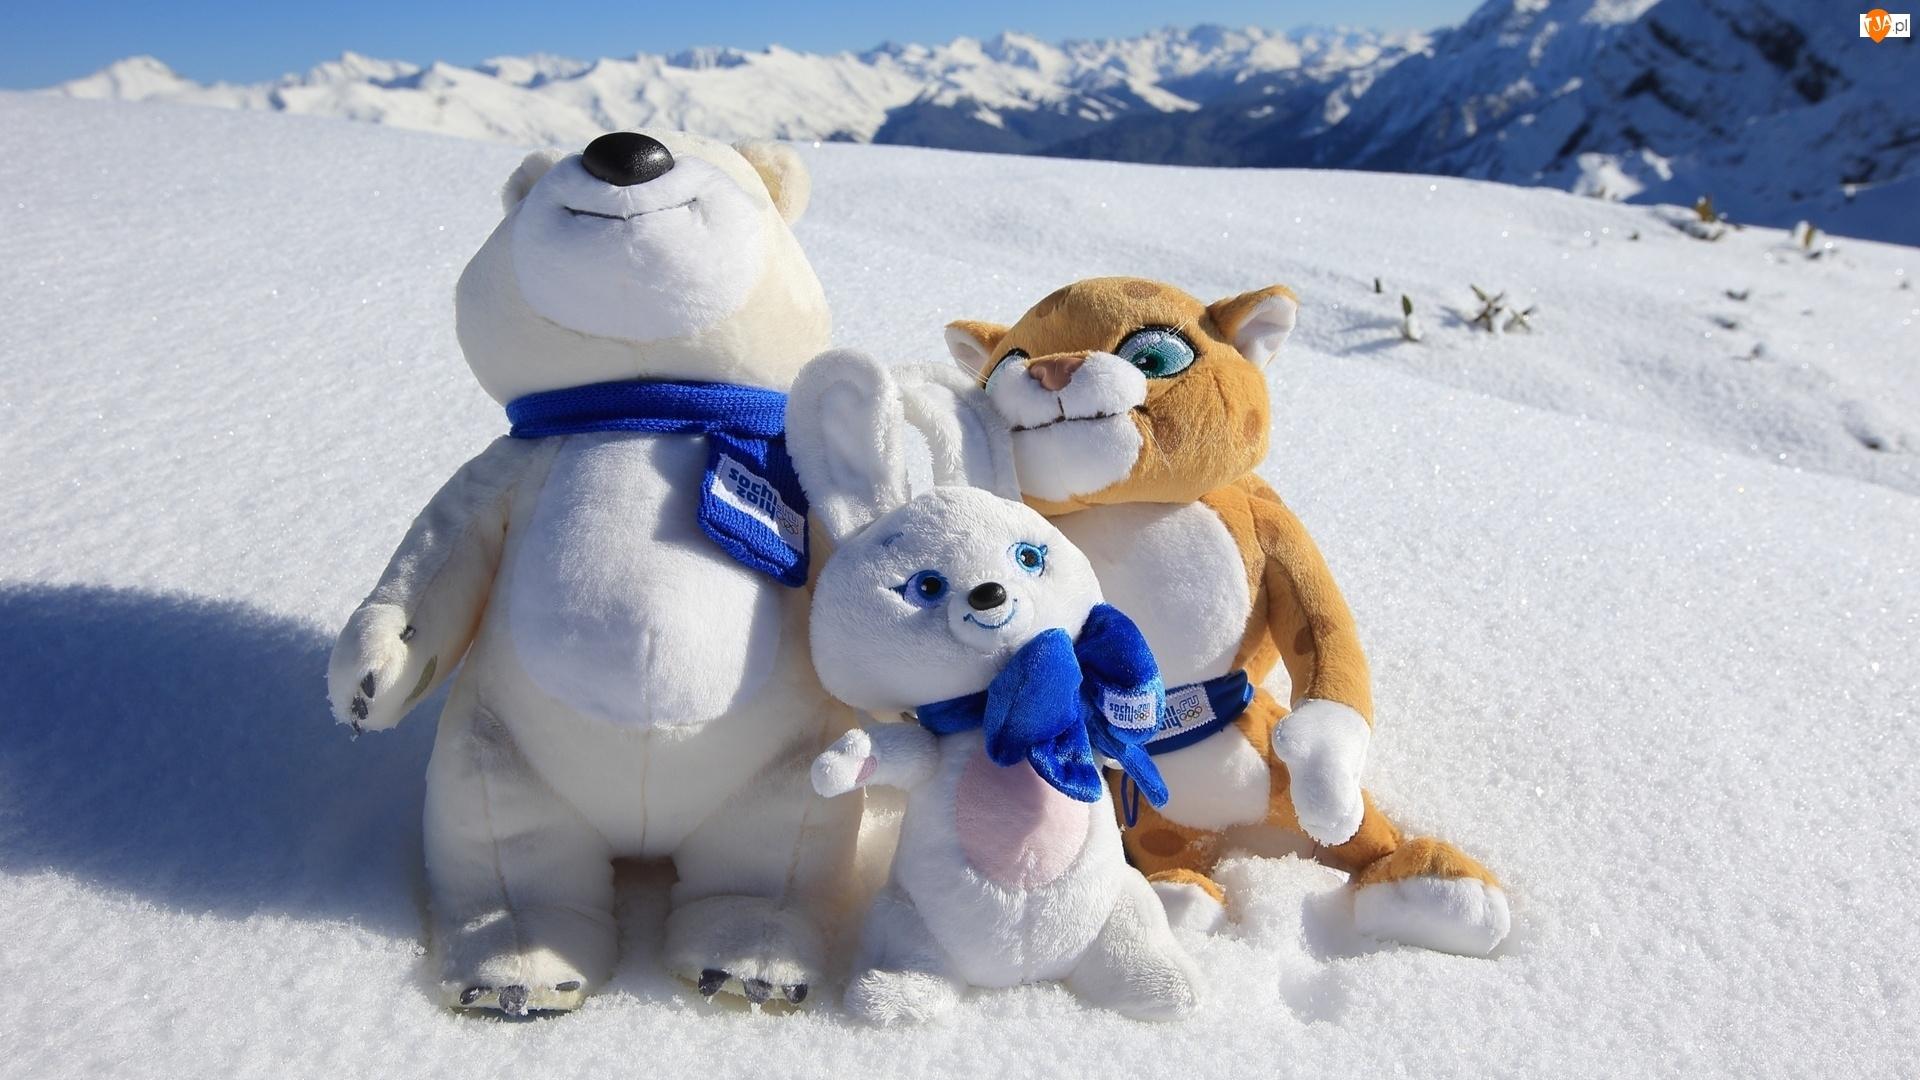 Śnieg, Pluszaki, Zabawki